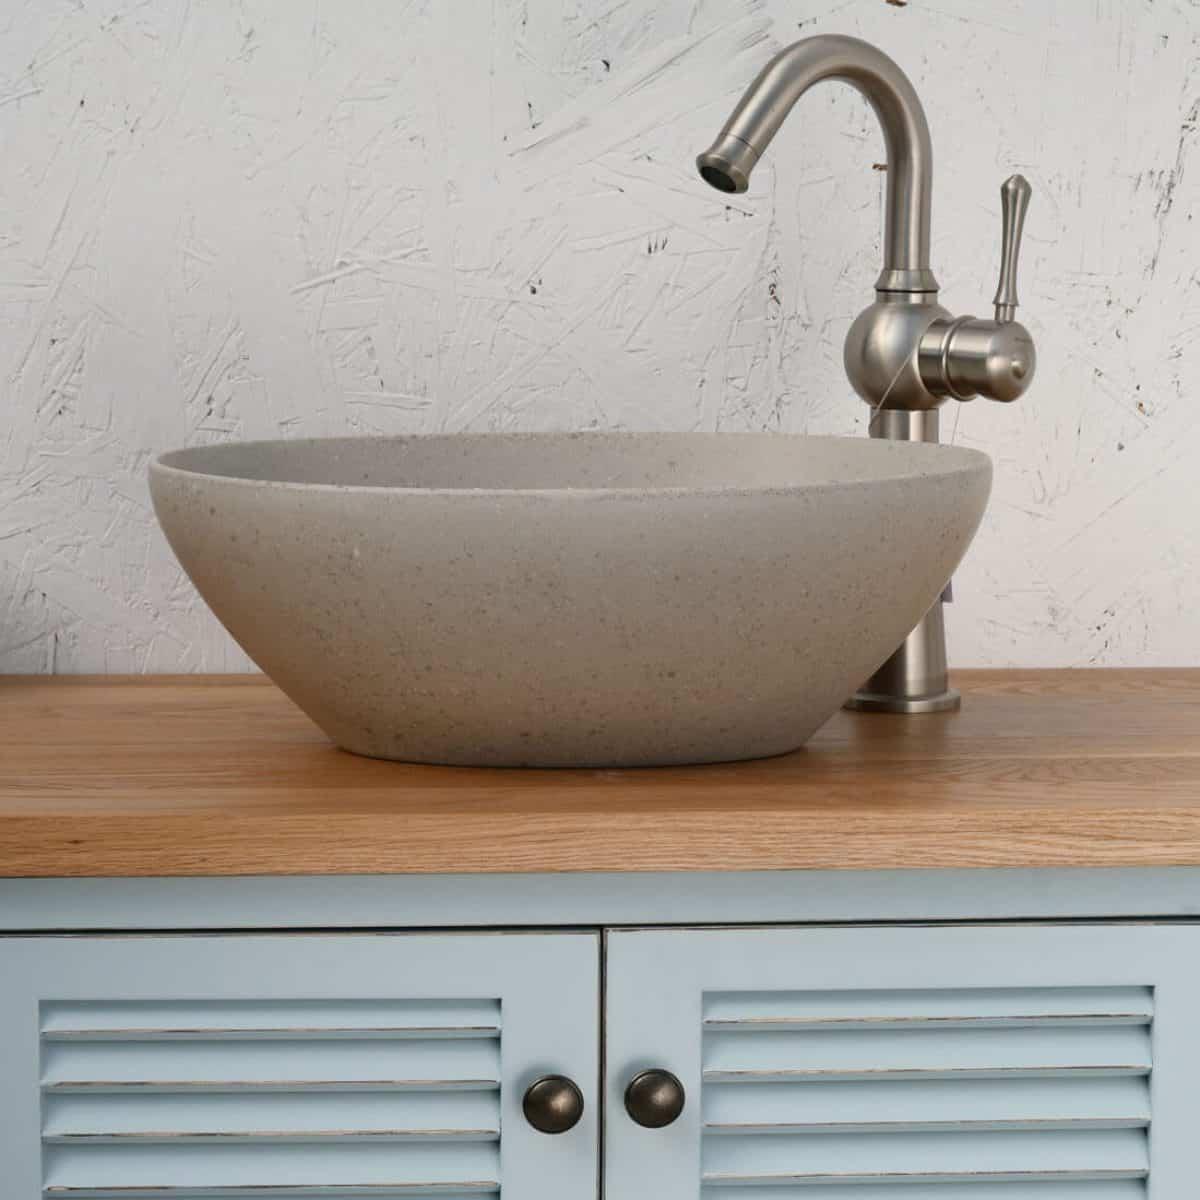 כיור אמבטיה אפור דמוי בטוןכיור אמבטיה אפור דמוי בטון